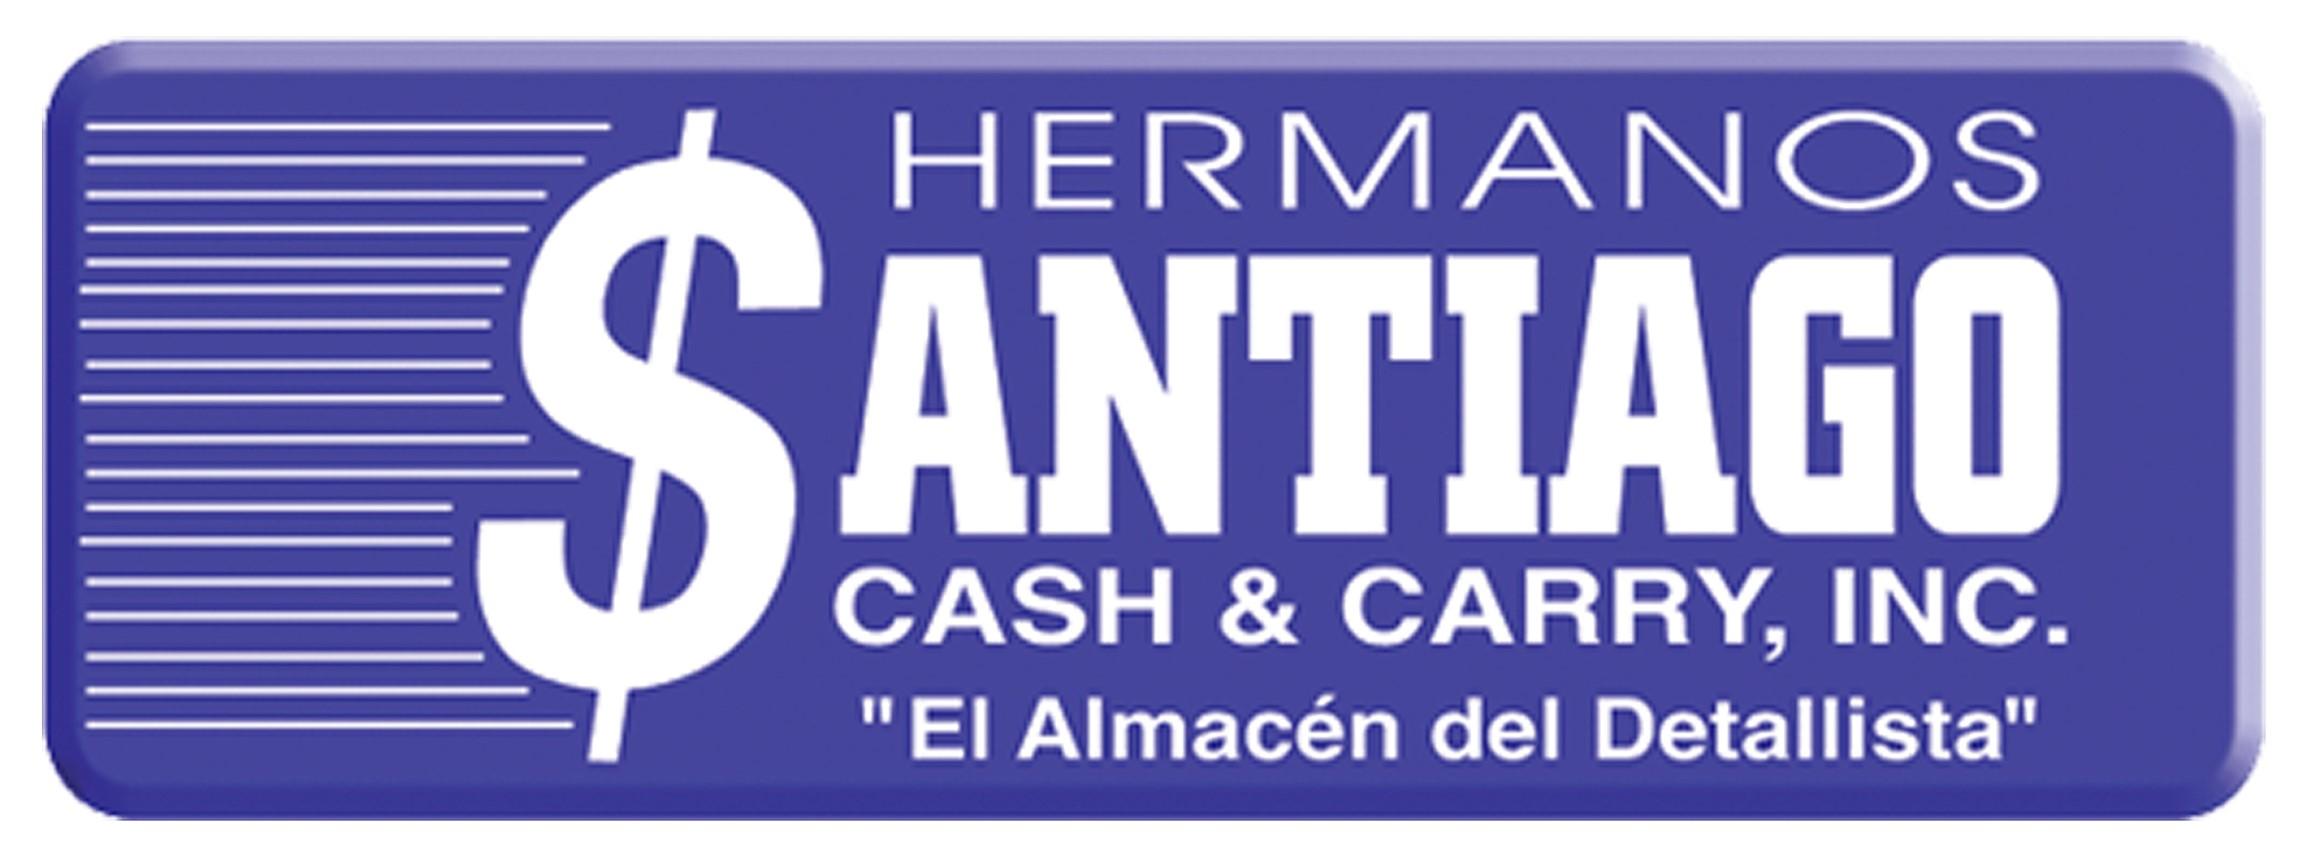 Hermanos Santiago